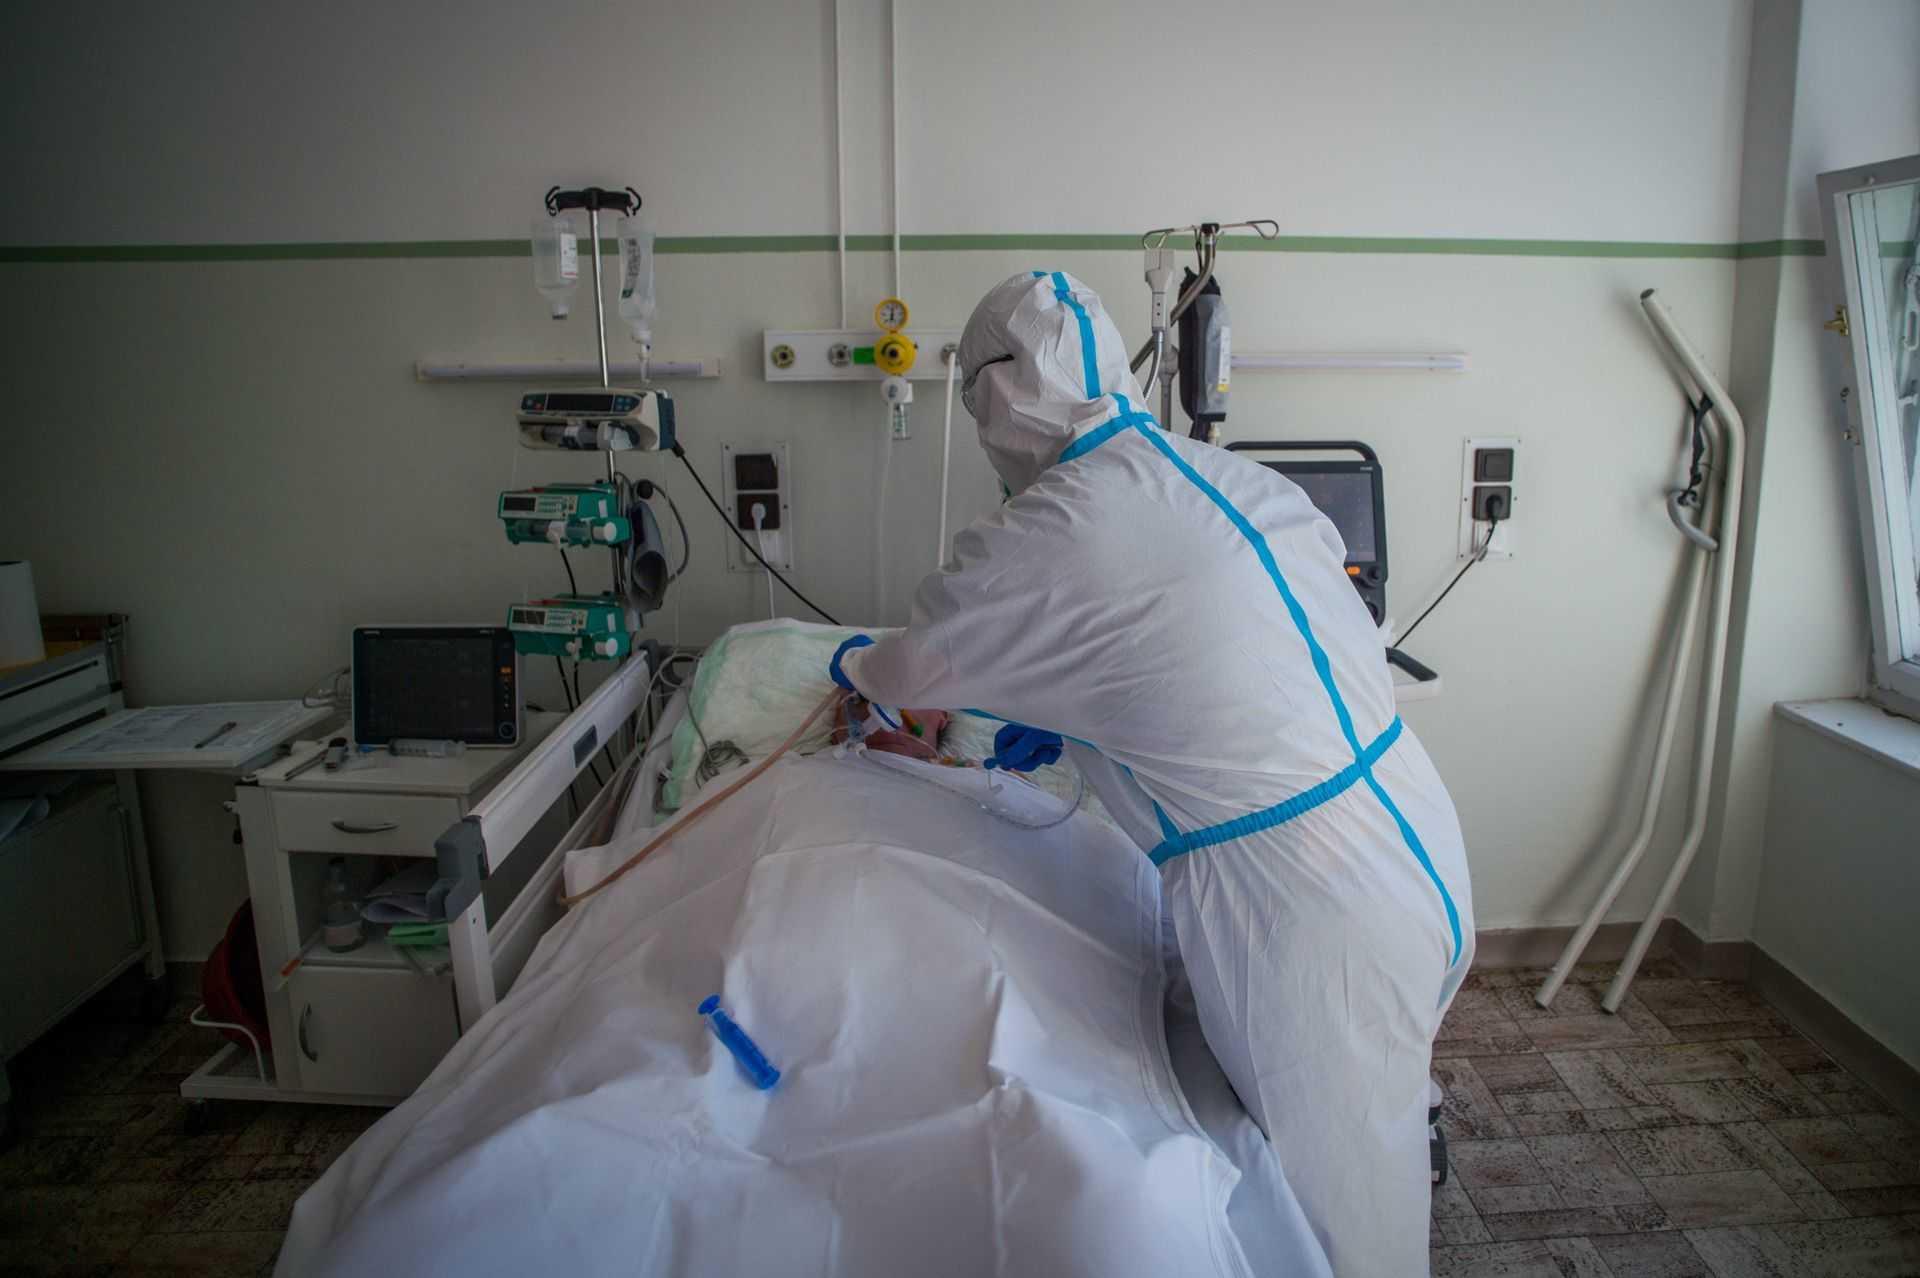 Koronavírus - Betegeket ápolnak az Országos Korányi Pulmonológiai Intézetben